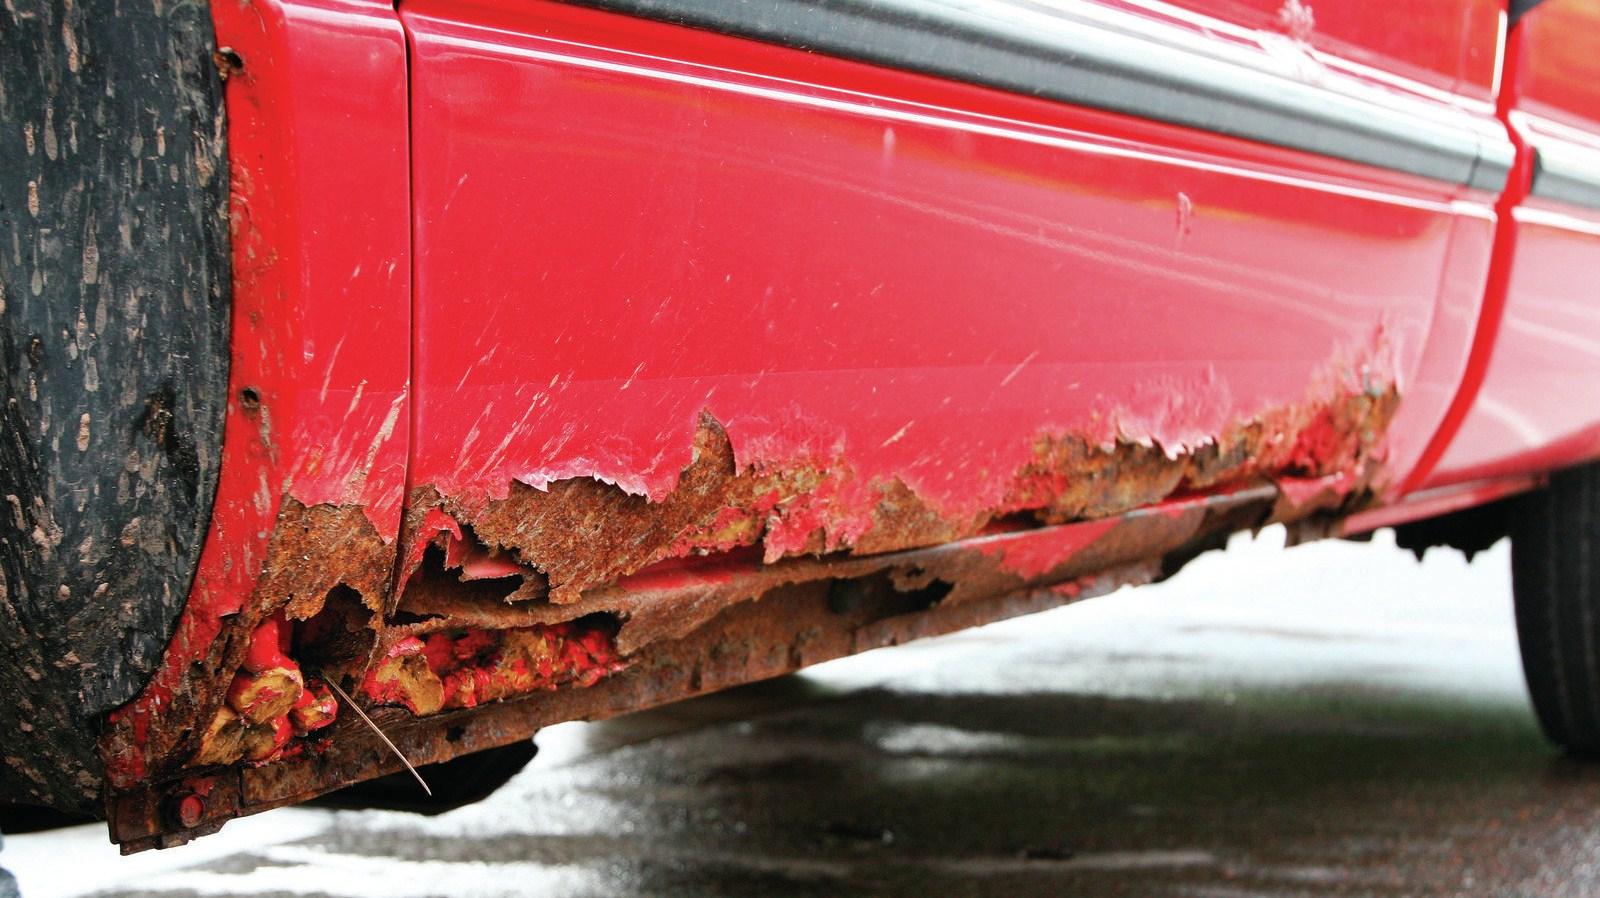 Антикоррозионное покрытие кузова автомобиля виды анодная и катодная защита от коррозии для чего нужнаобработка от ржавчины антикором